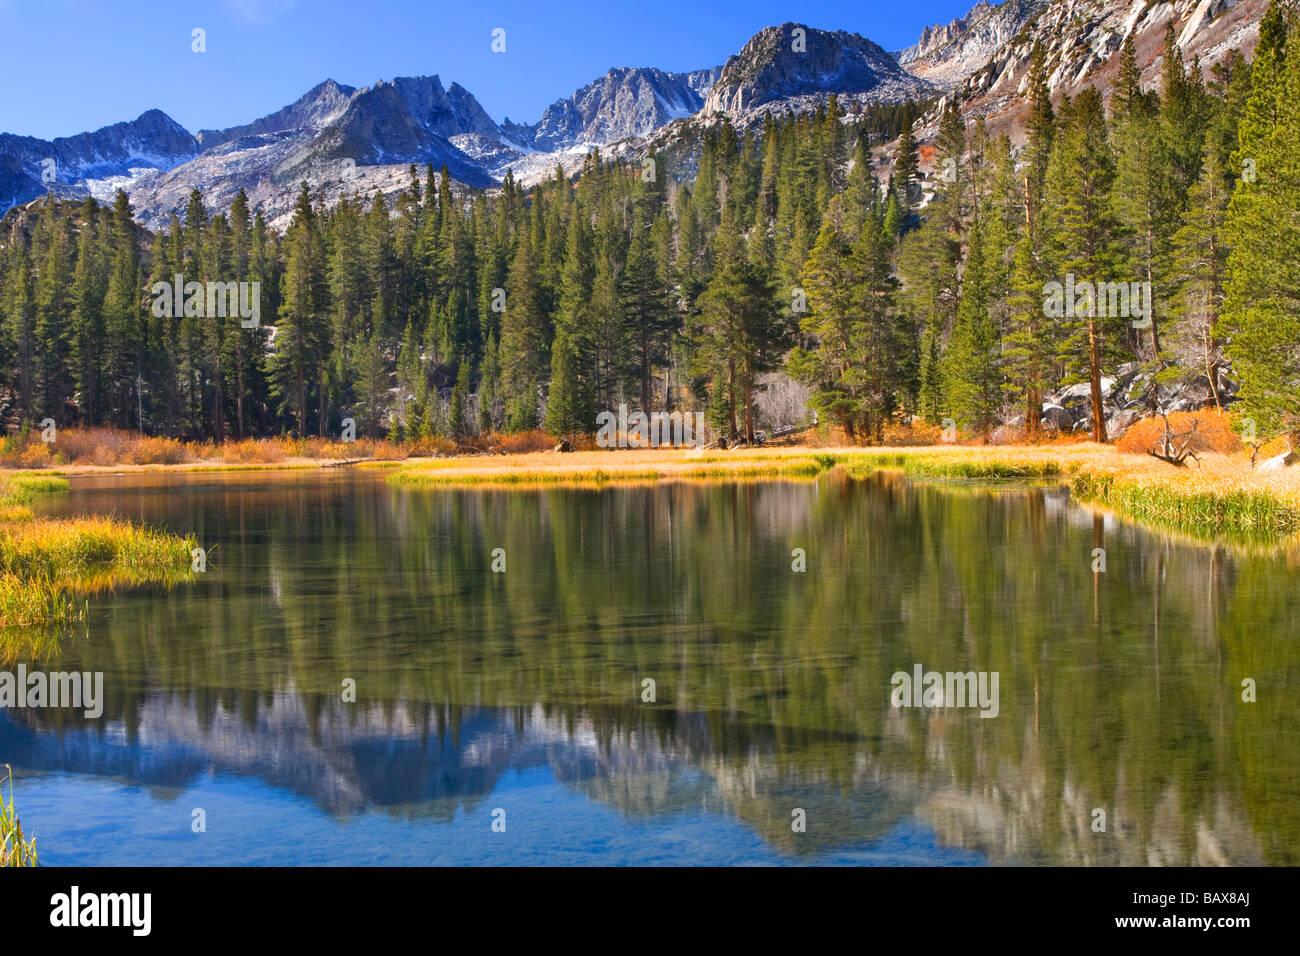 Lodgepole Kiefern säumen einen künstlichen See in der Sierra Mountains, Kalifornien. Stockbild